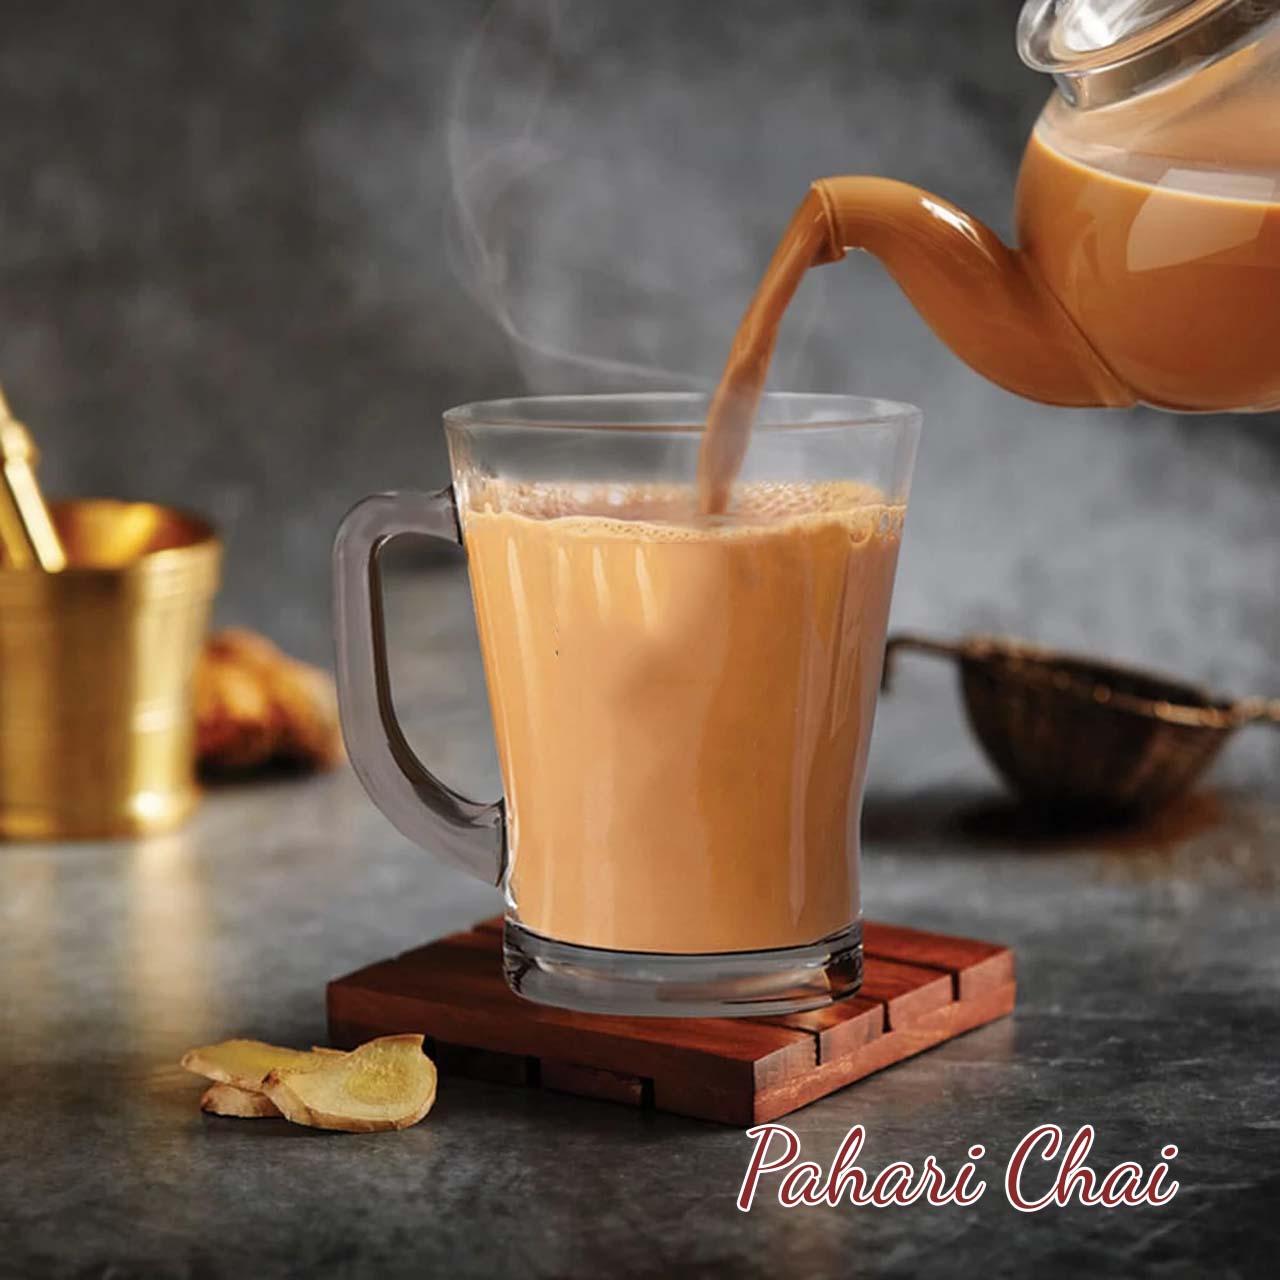 Pahari Chai